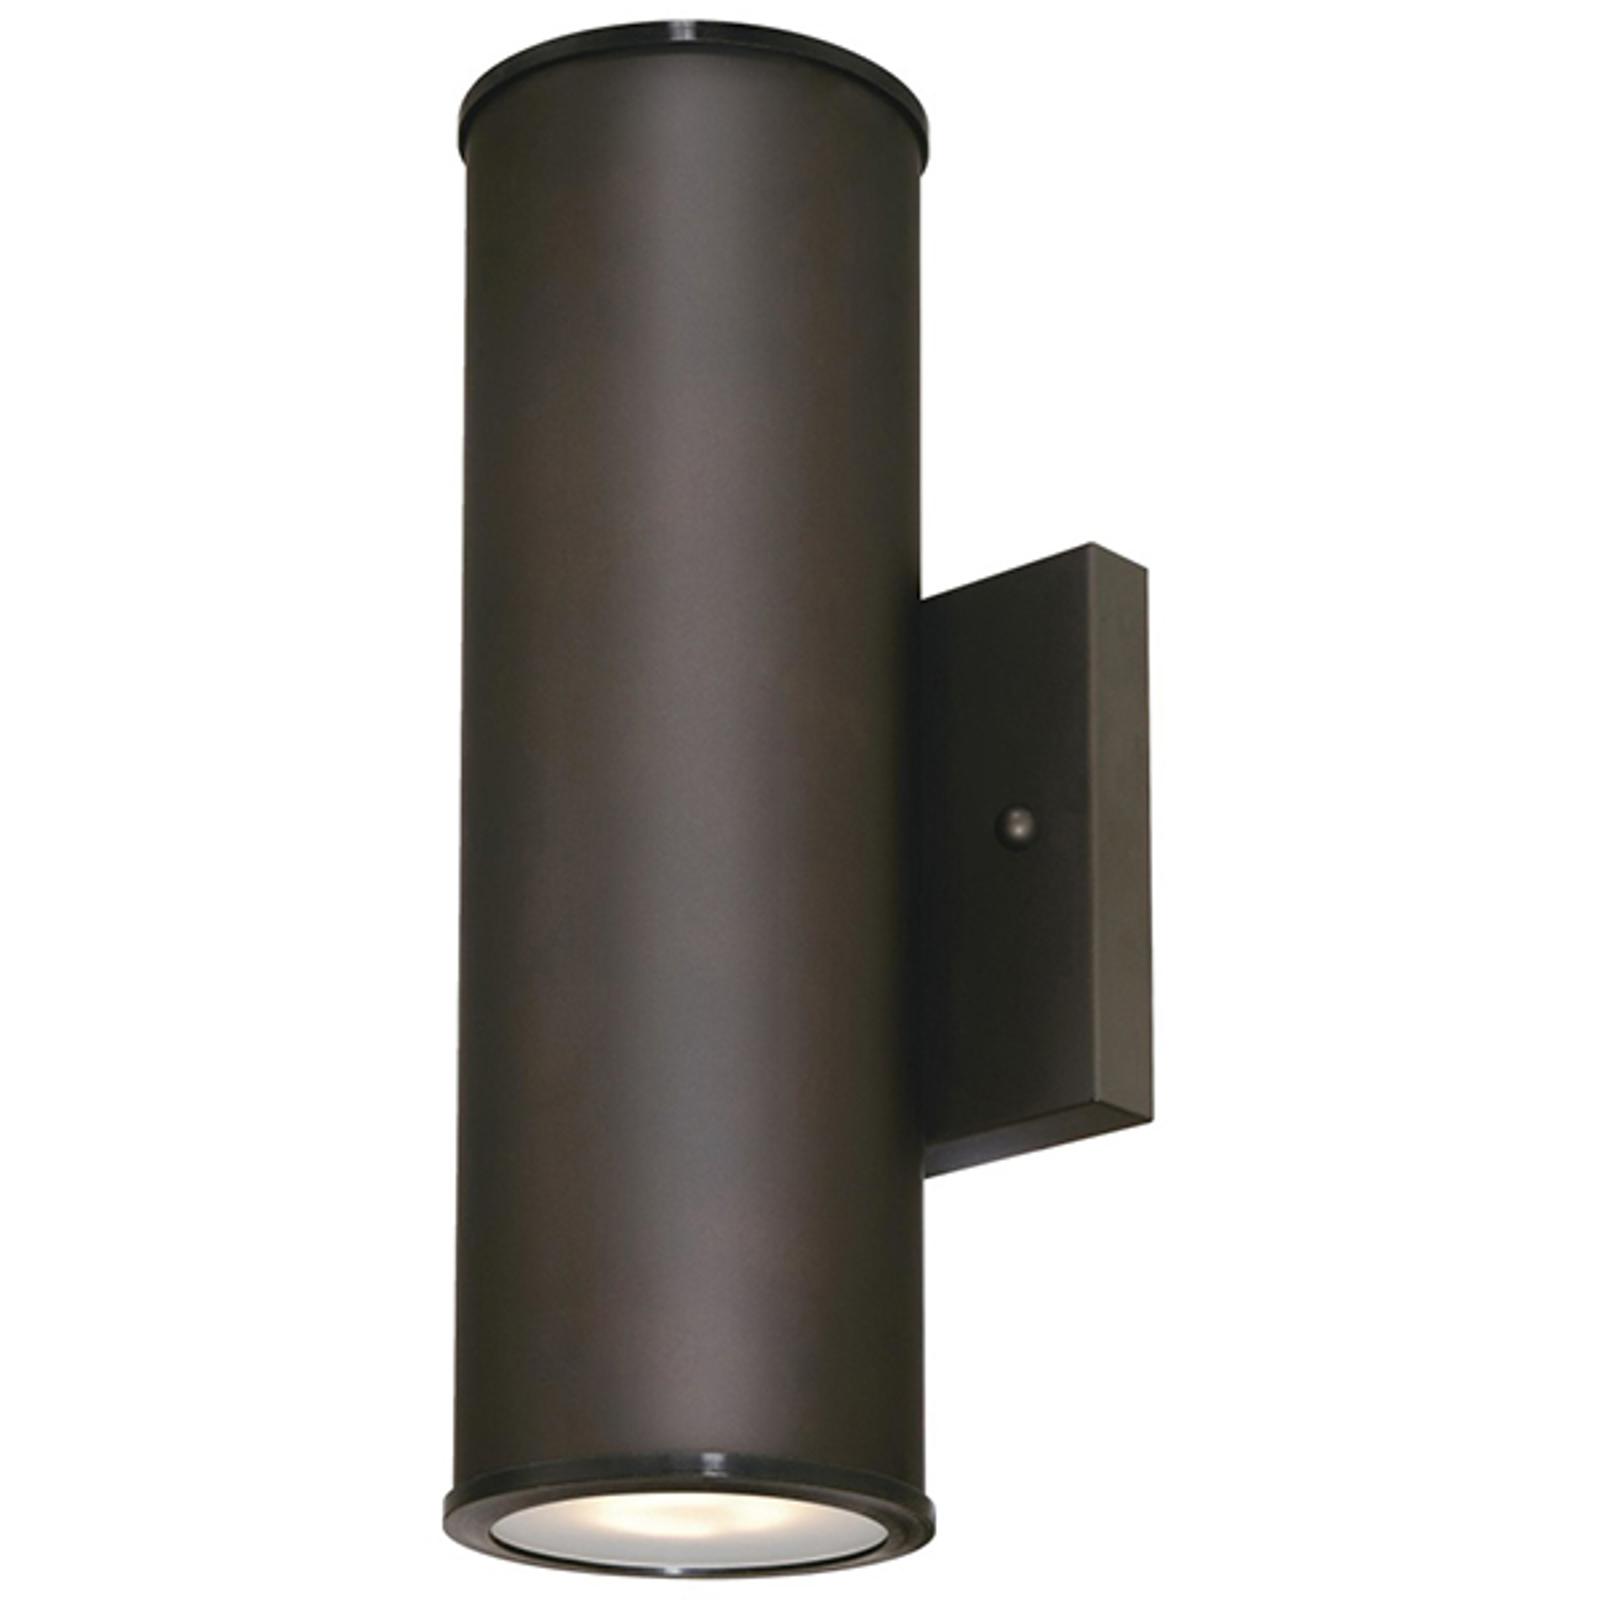 Westinghouse Marius LED-Wandleuchte, zweiflammig